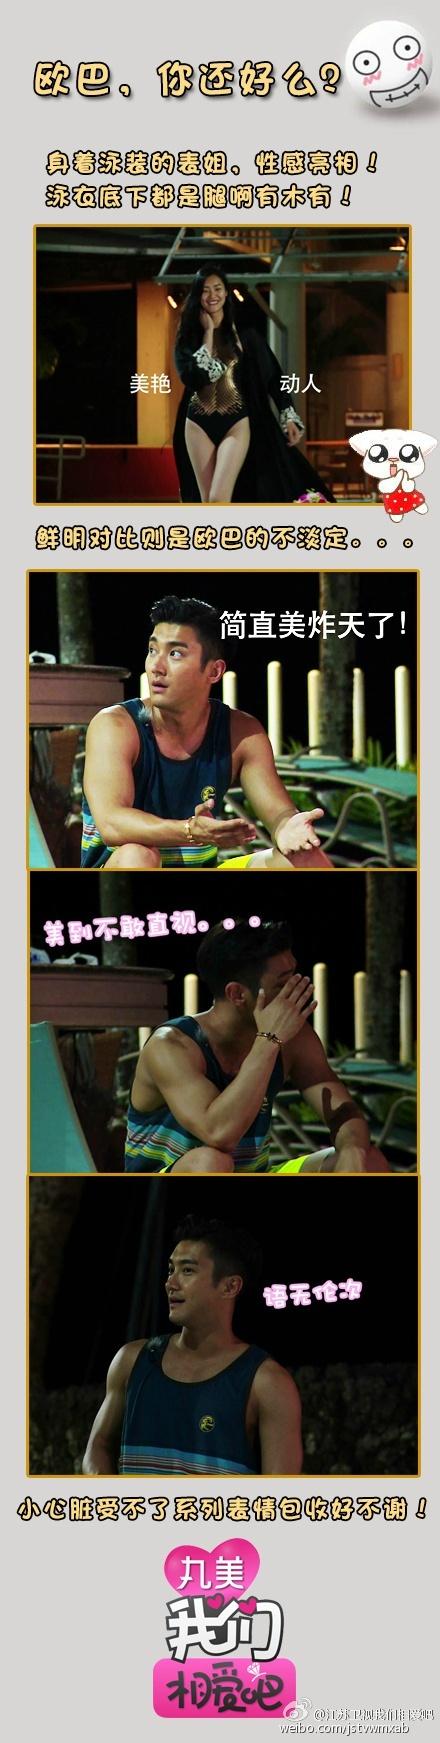 150712~13 江苏卫视我们相爱吧 Weibo Update with Siwon and Liu Wen4